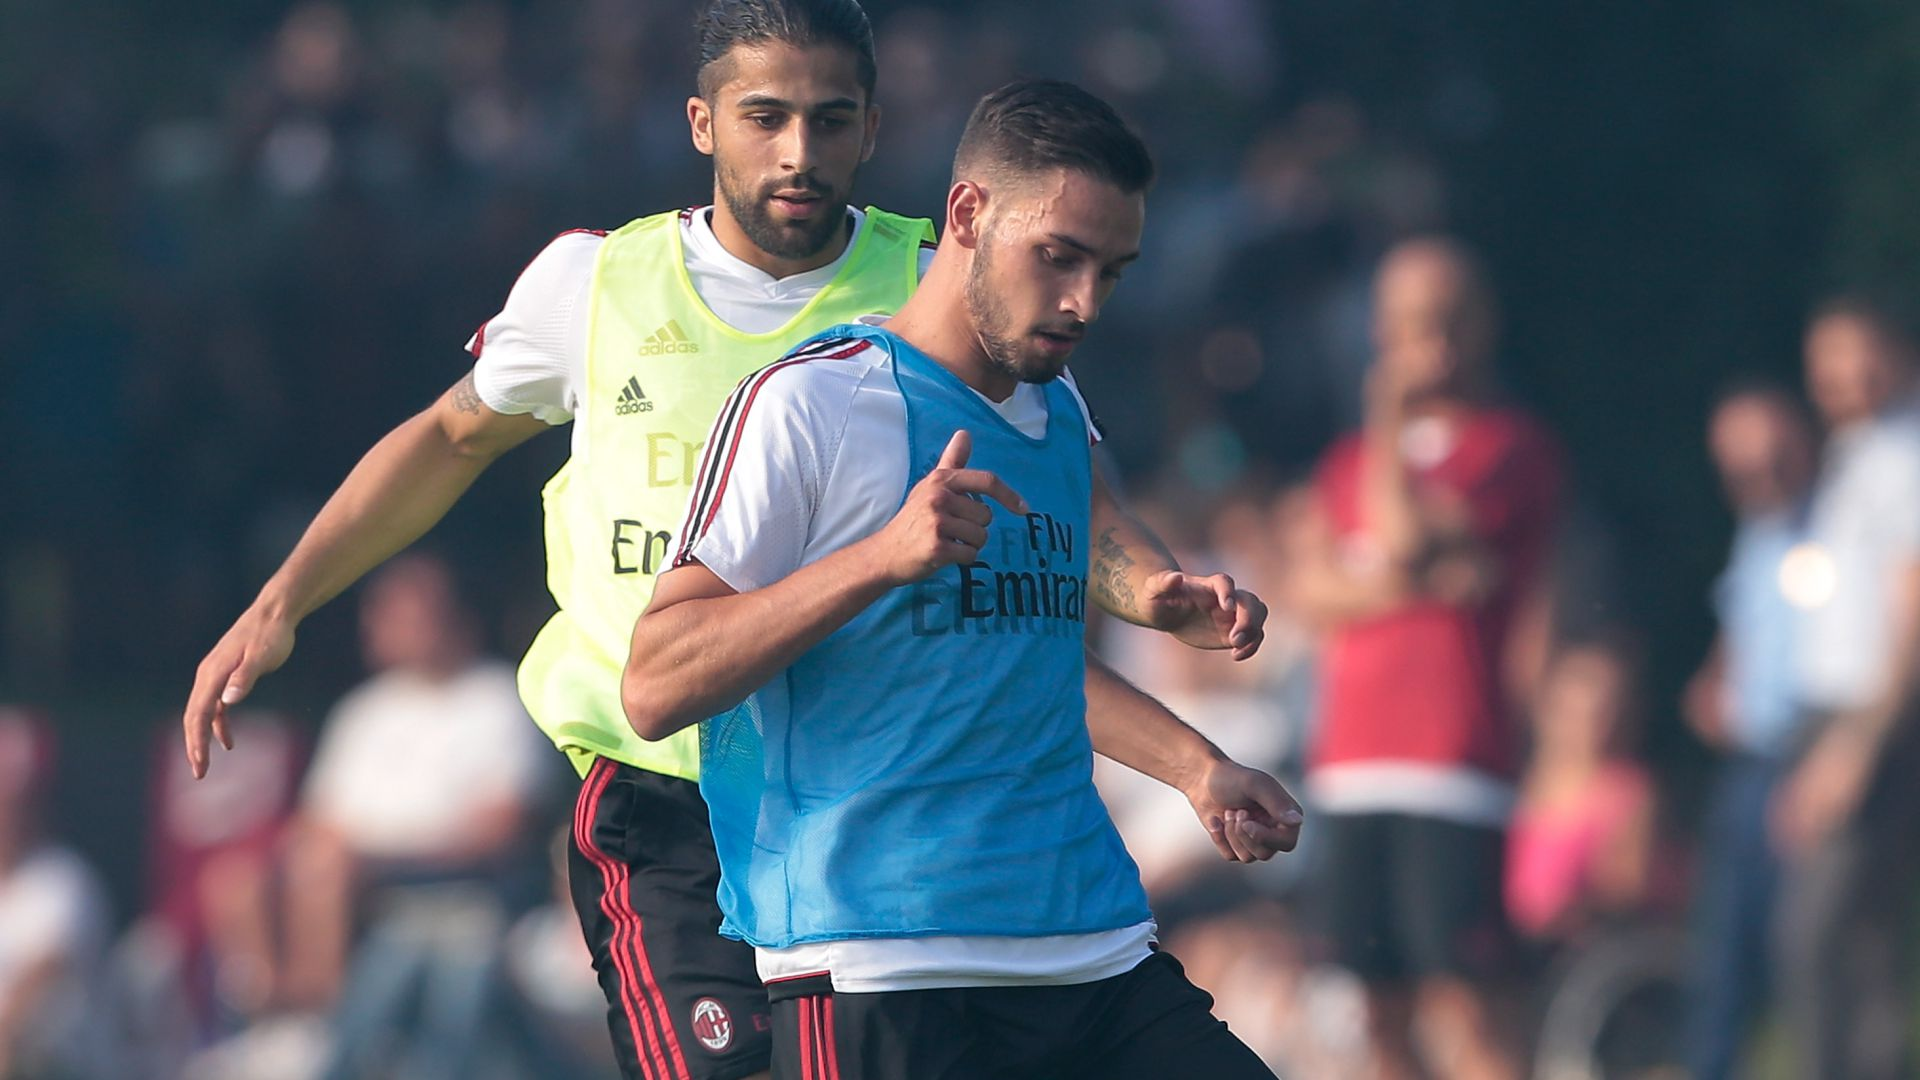 Juve-Milan, tra De Sciglio e Cuadrado spunta Suso